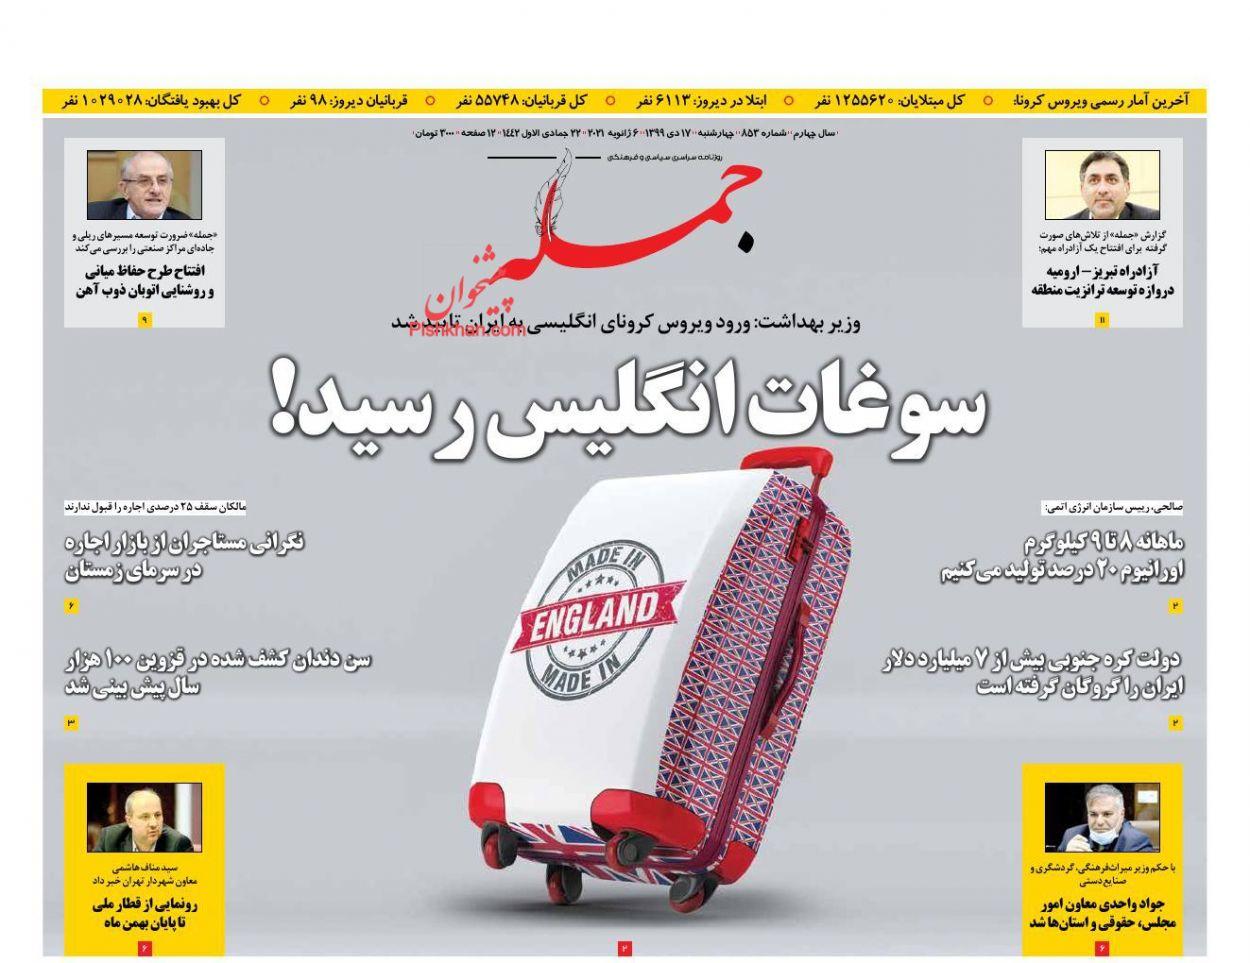 عناوین اخبار روزنامه جمله در روز چهارشنبه ۱۷ دی